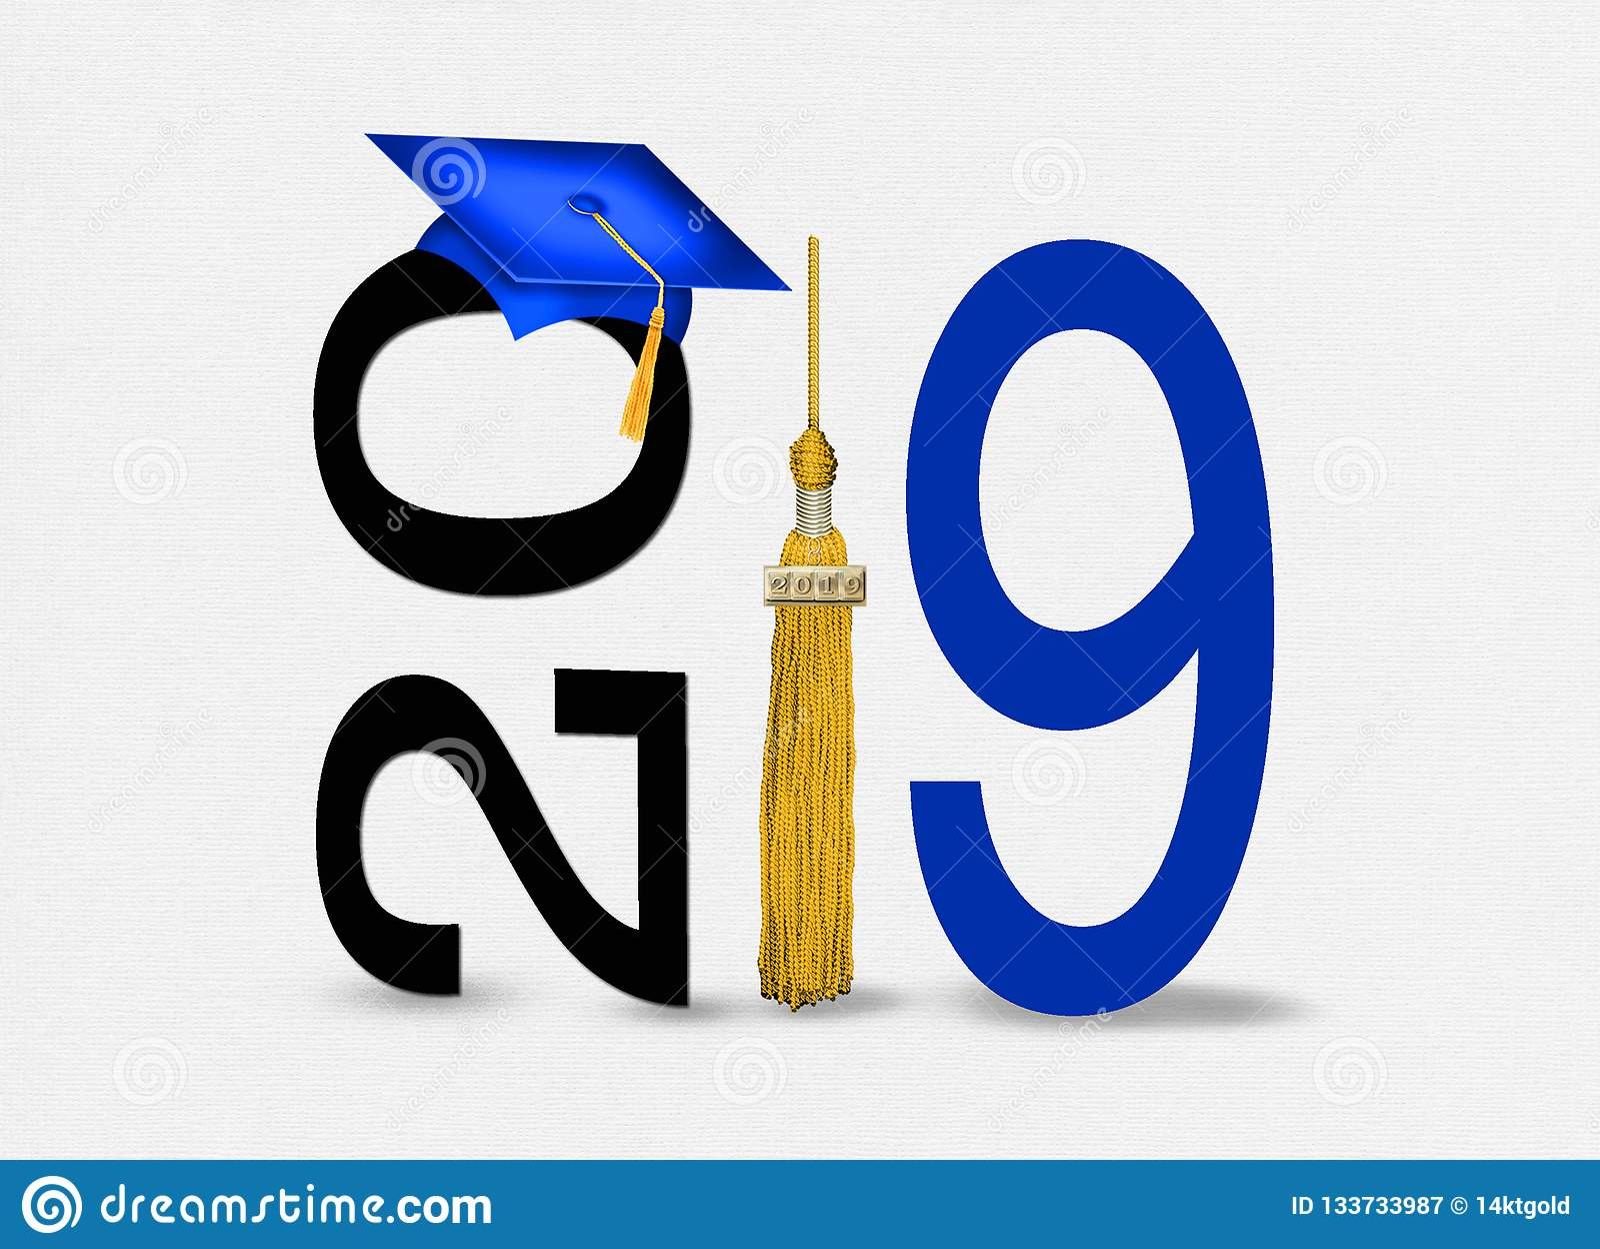 De blauwe graduatie GLB van 2019 met gouden leeswijzer